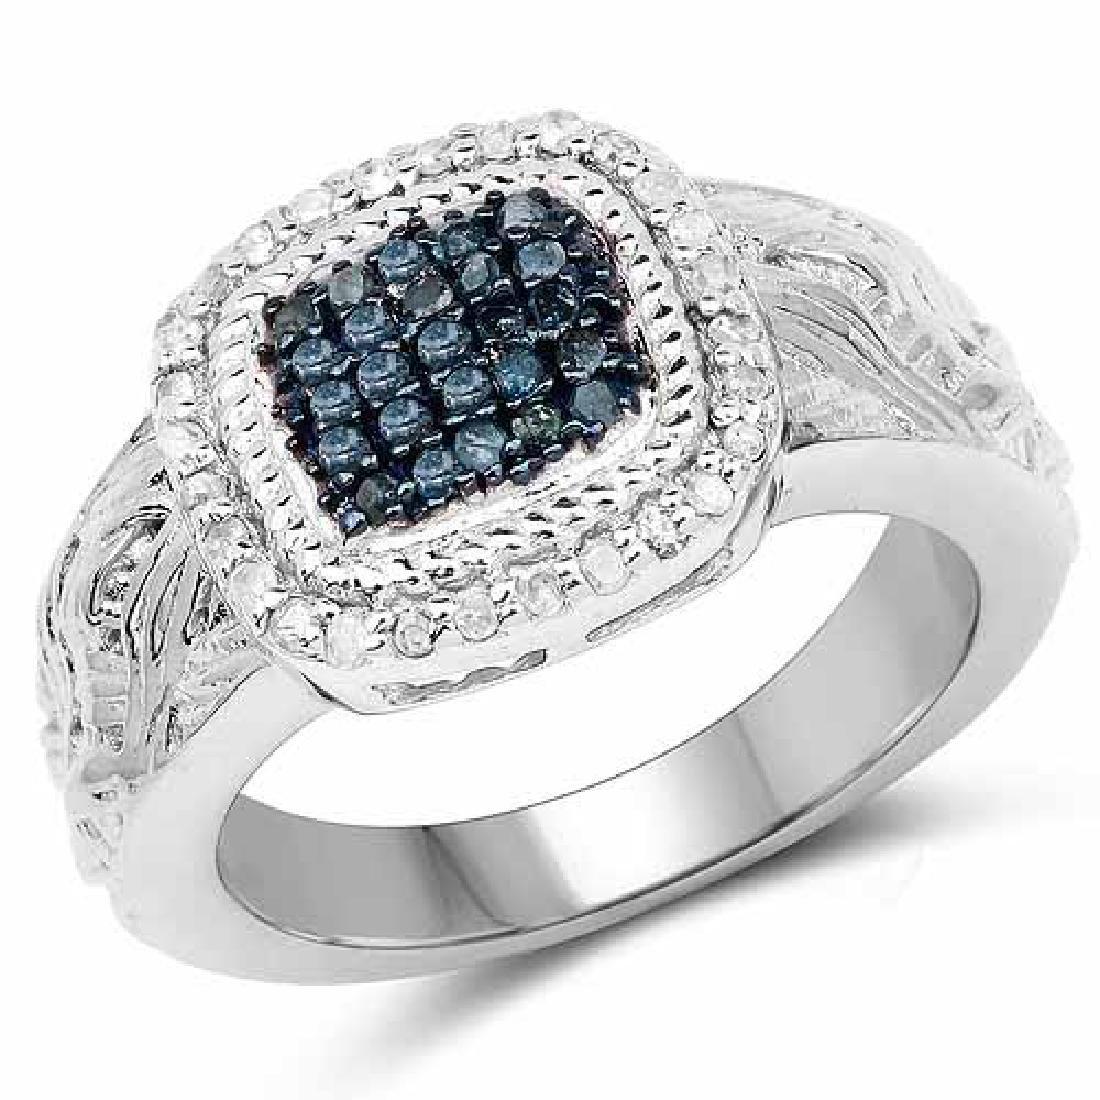 0.28 Carat Genuine Blue Diamond and White Diamond .925